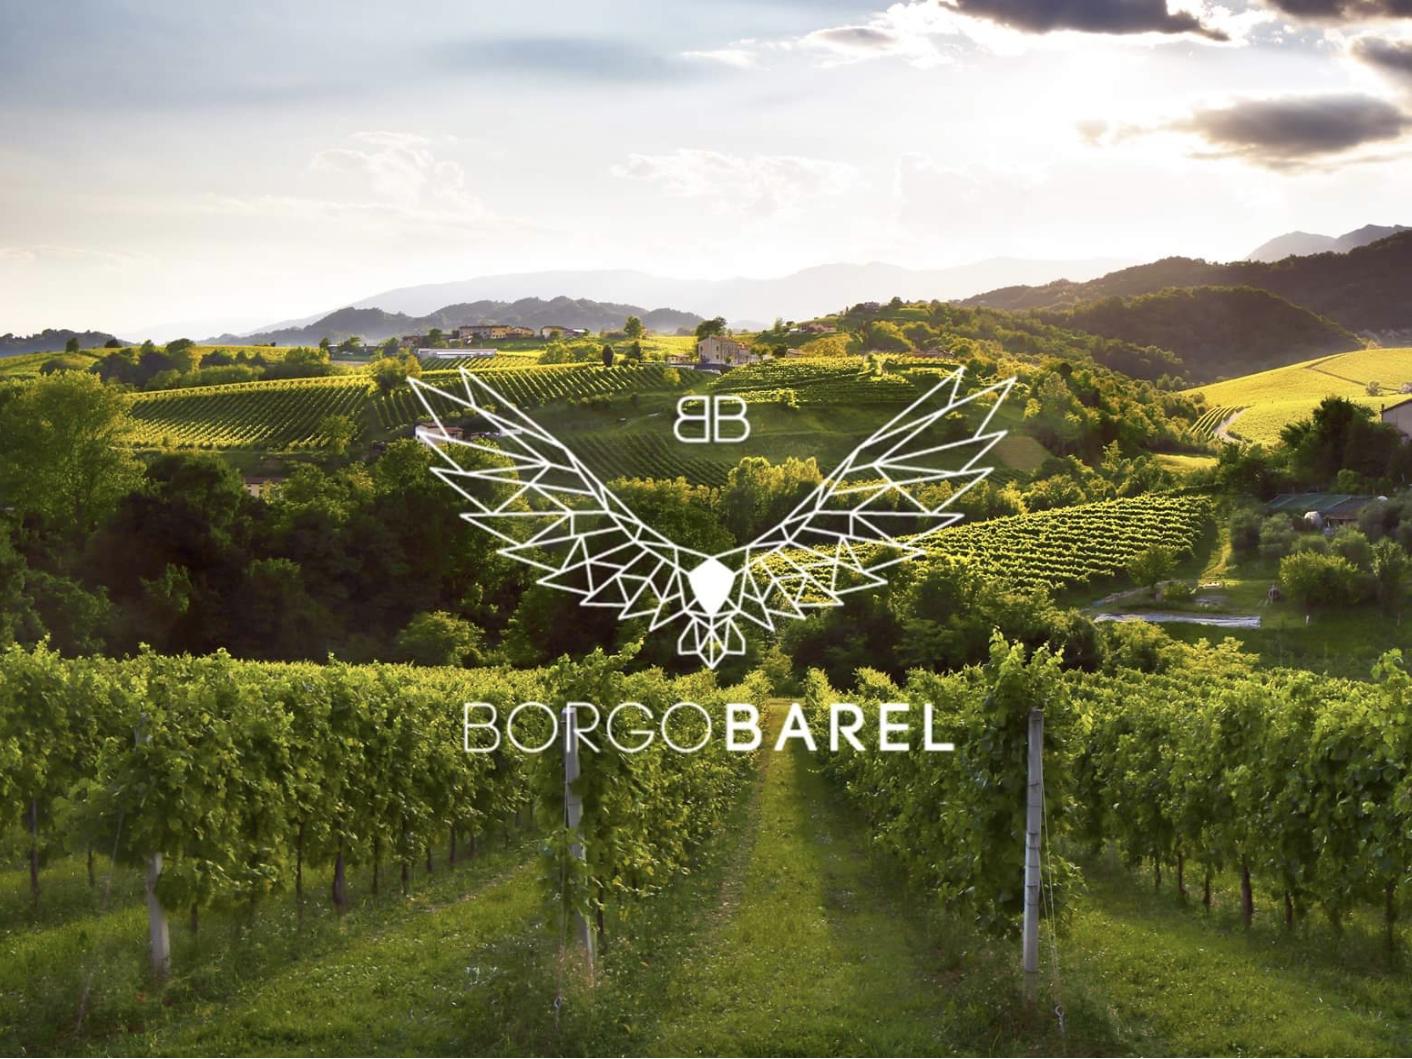 Borgo Barel